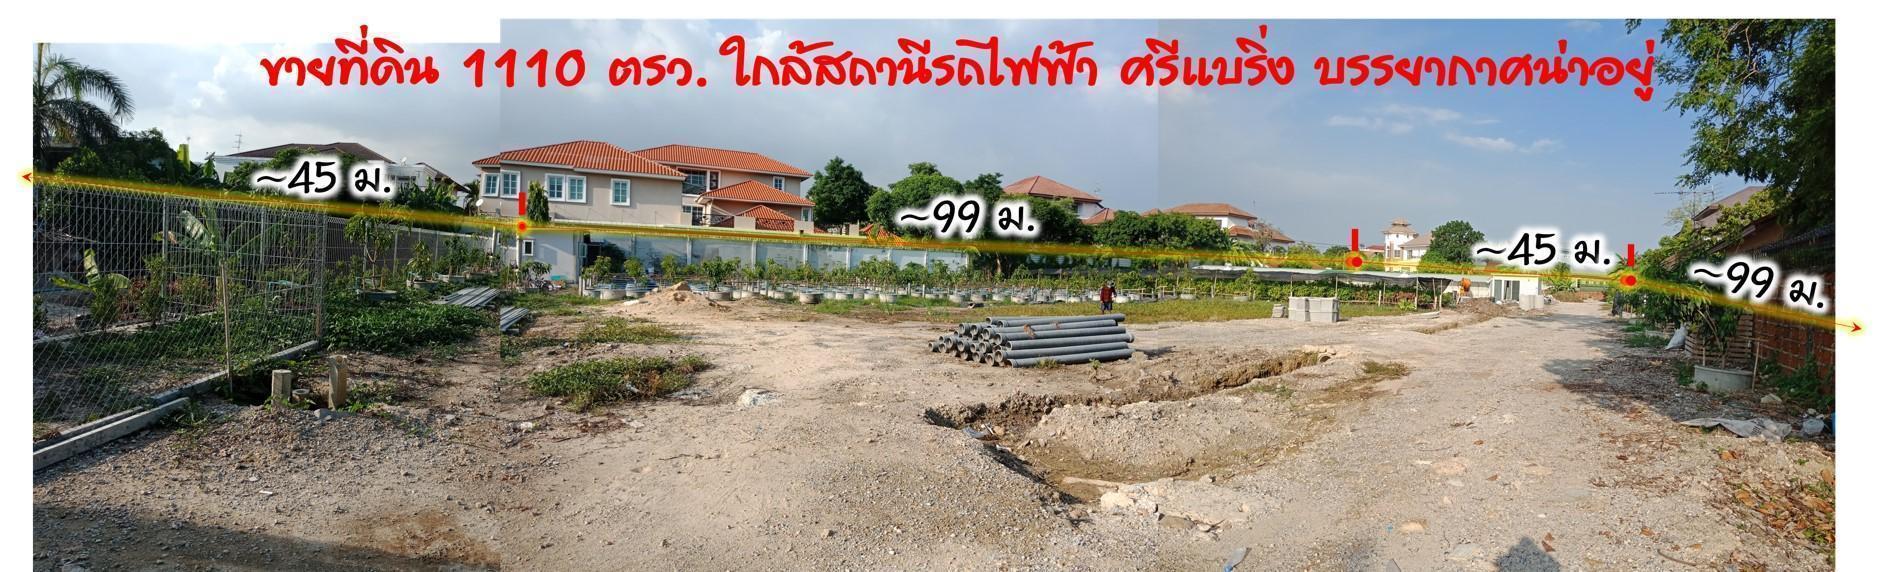 ขาย ที่ดินใกล้สถานีรถไฟฟ้าBTS ศรีแบริ่ง สายสีเหลือง เพียง 275 ม. จากถ.ศรีนครินทร์ 1110ตรว.บรรยากาศเยี่ยม